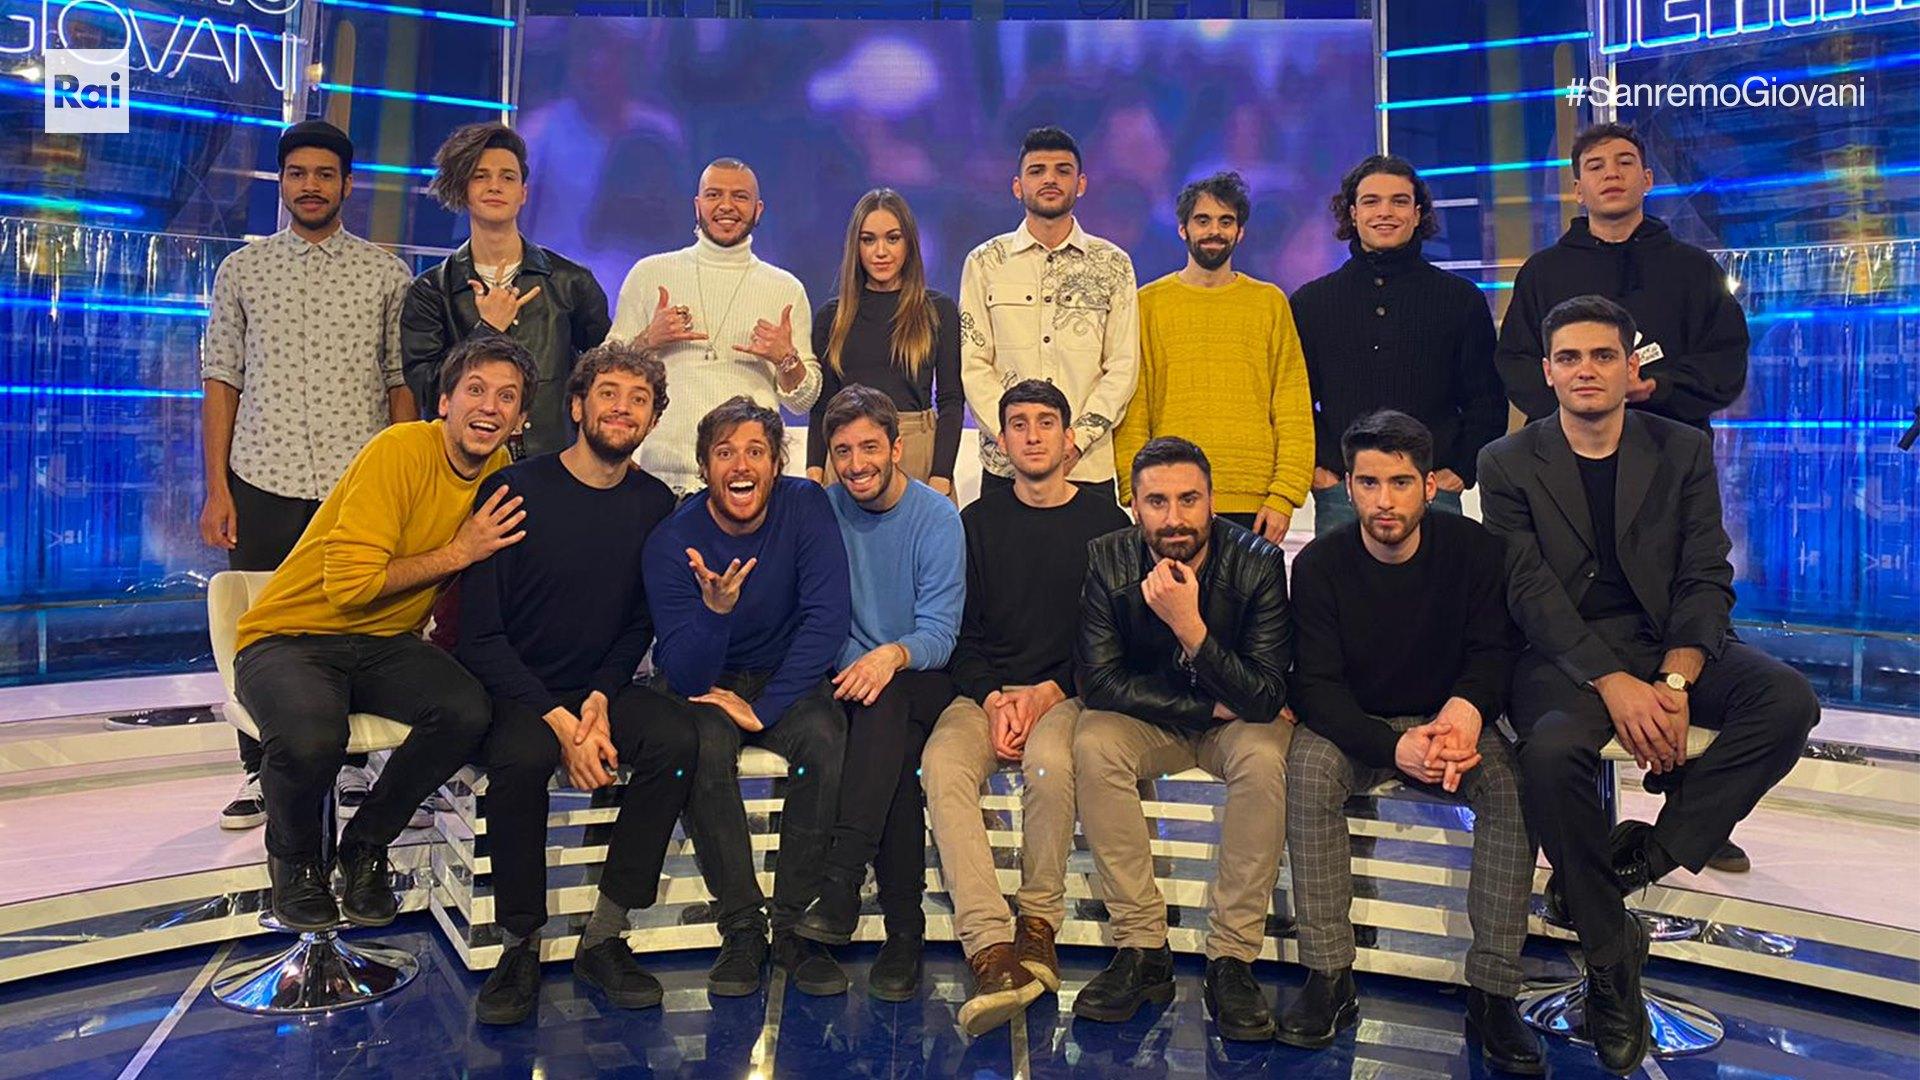 Rubrica, MEI. FRAMMENTI DI UN DISCORSO MUSICALE di Giordano Sangiorgi. Sanremo Giovani batte X Factor 1 a 0